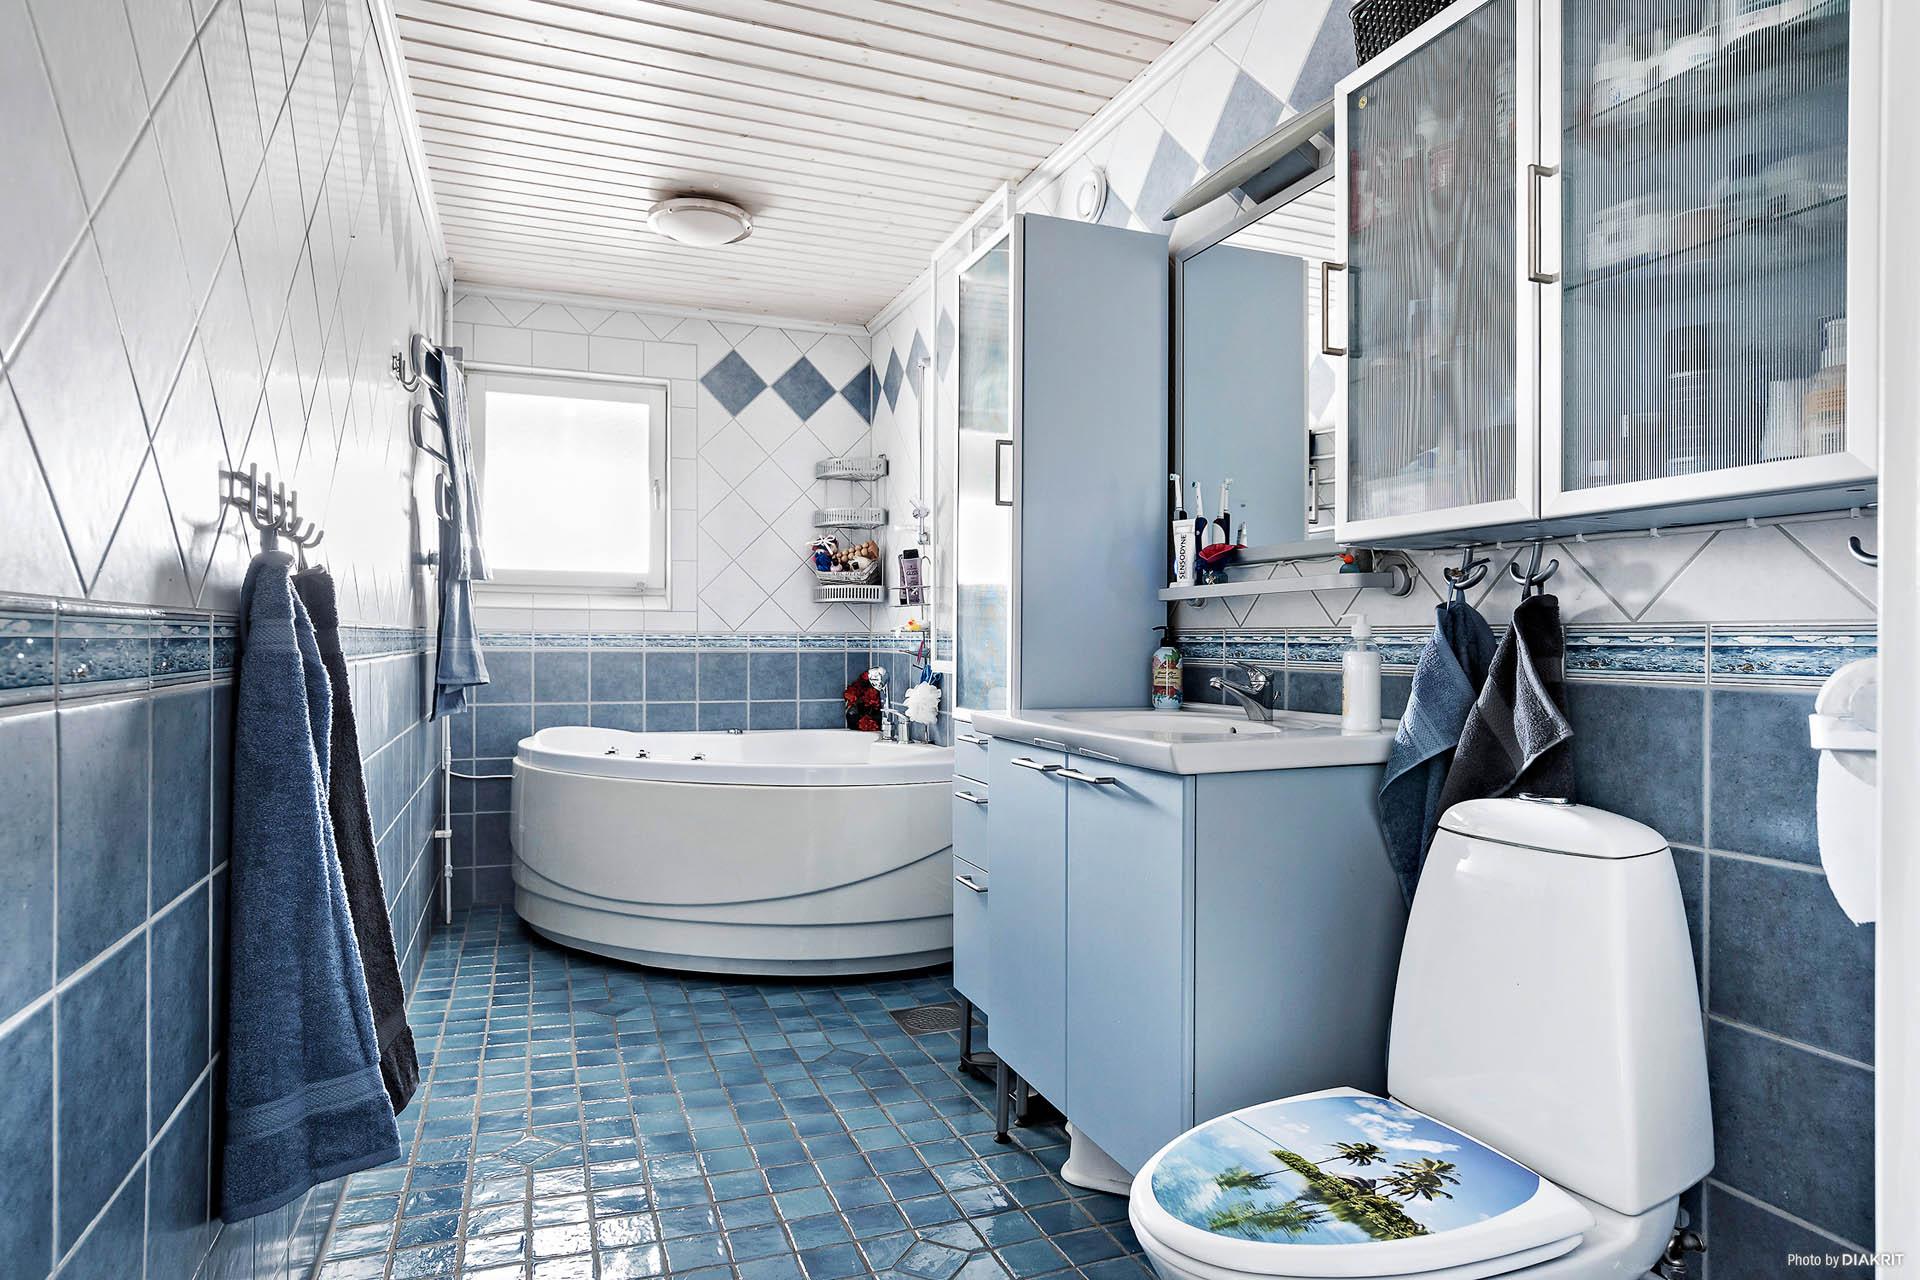 Helkaklat badrum med komfortabel golvvärme (el). Bubbelbadkar med massagefunktion